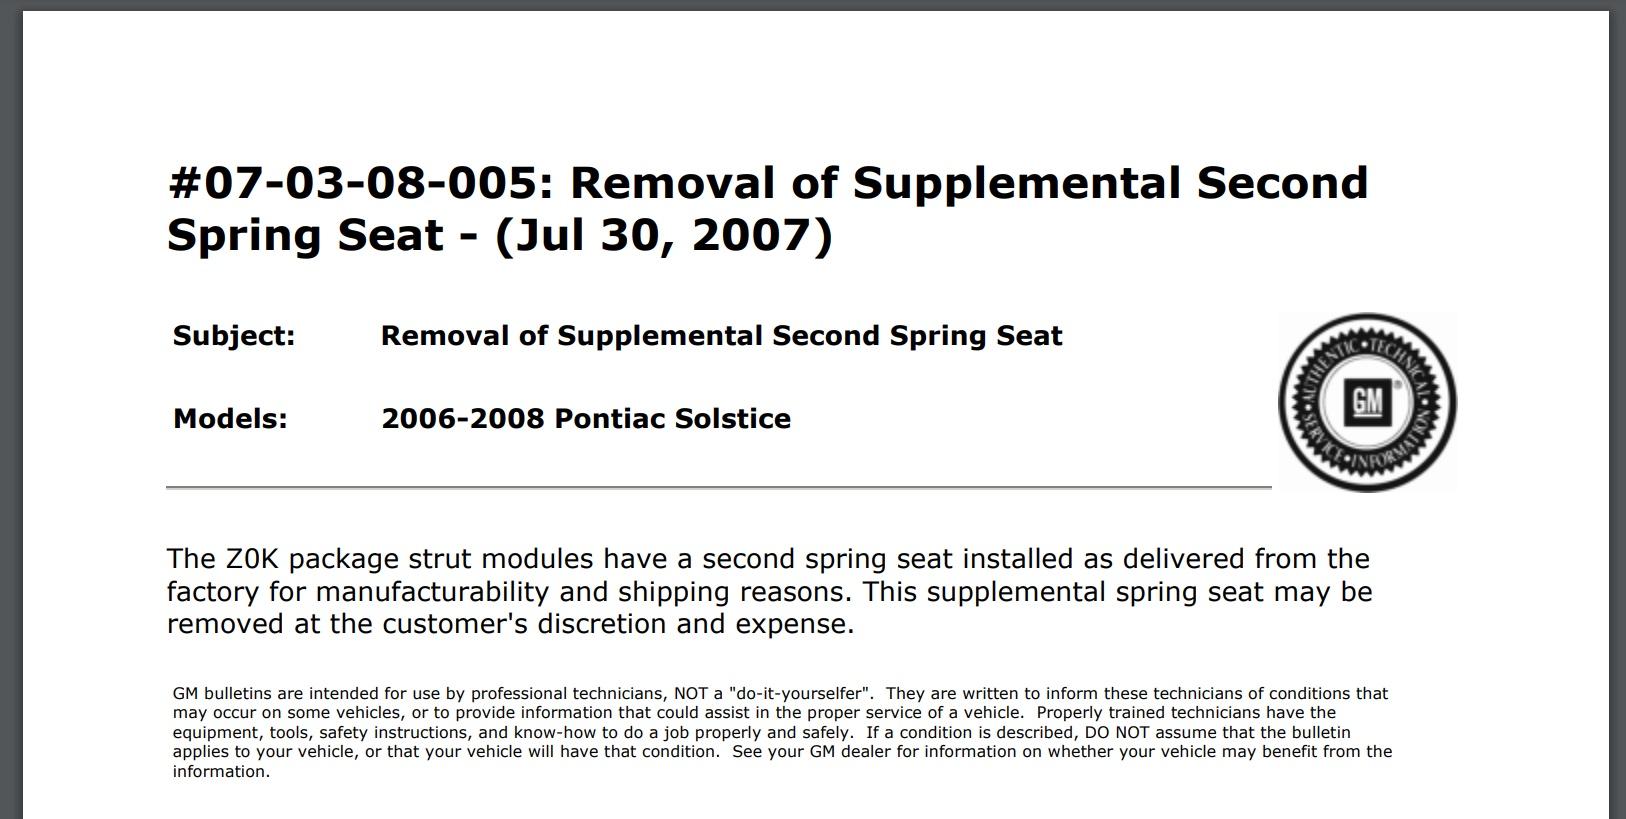 Pontiac solstice tsb notice